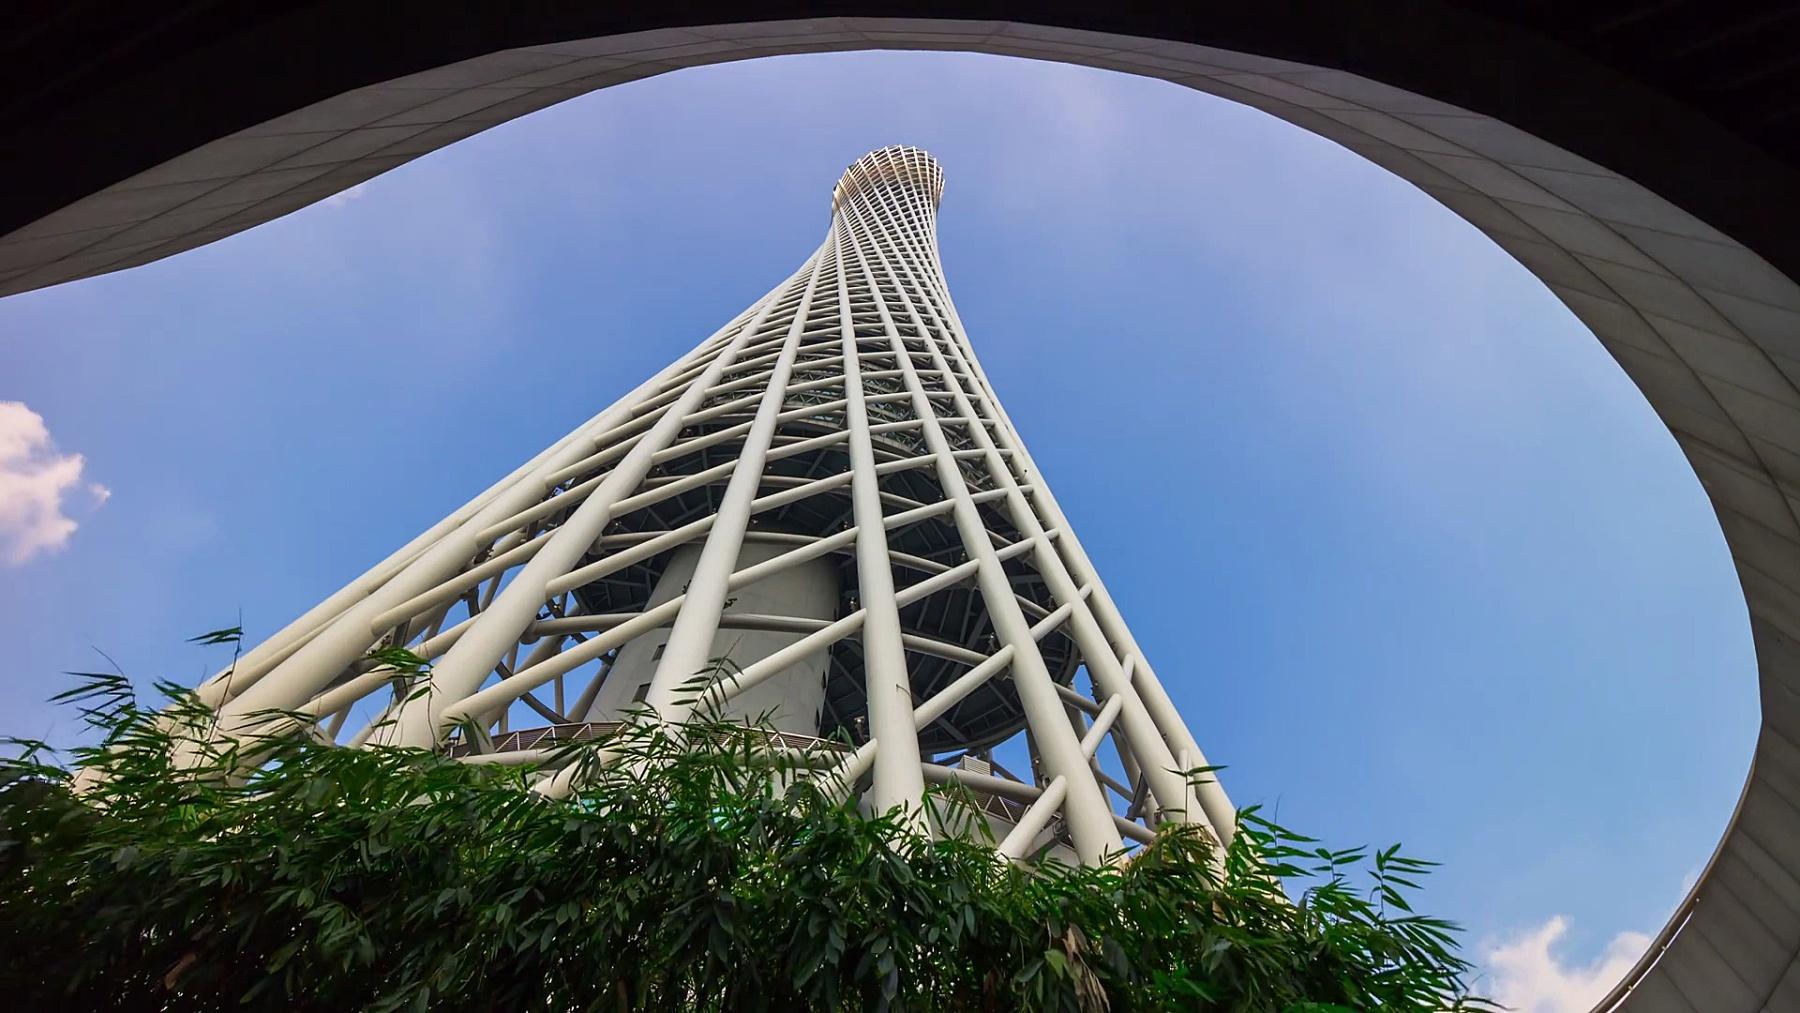 晴天广州市著名广东塔俯瞰全景 延时摄影中国